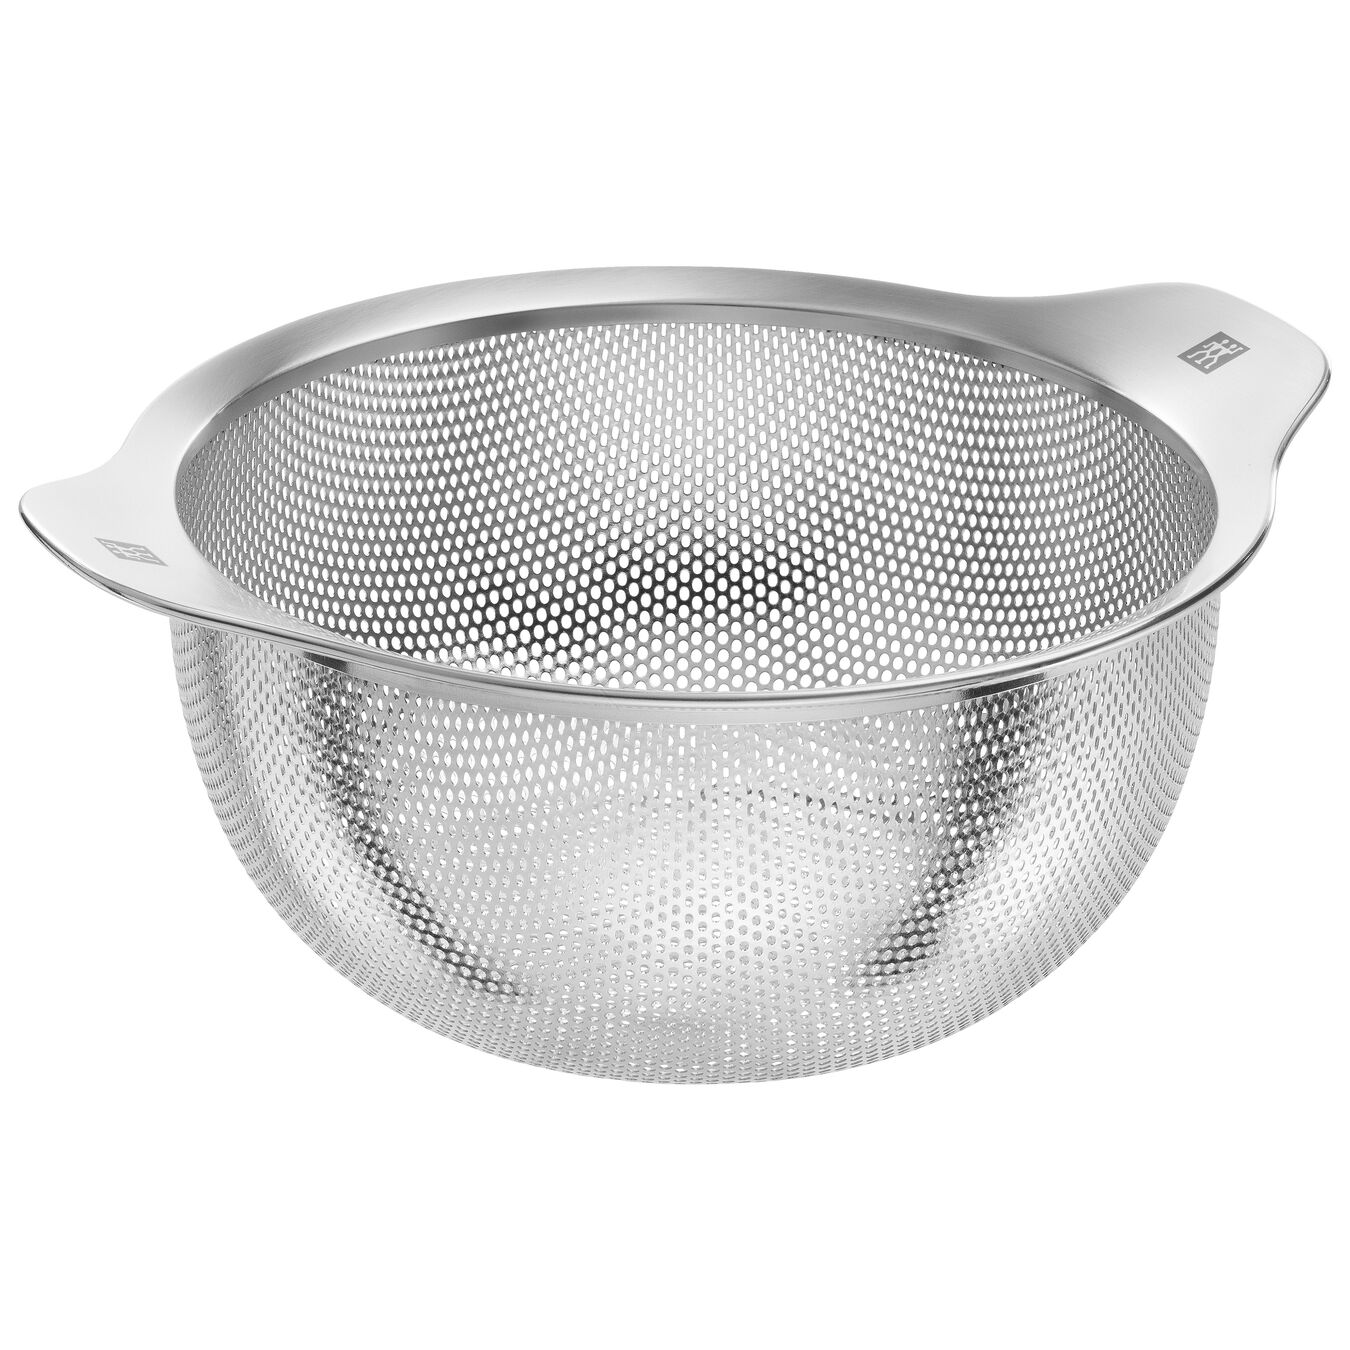 Scolapasta - 20 cm, acciaio,,large 1